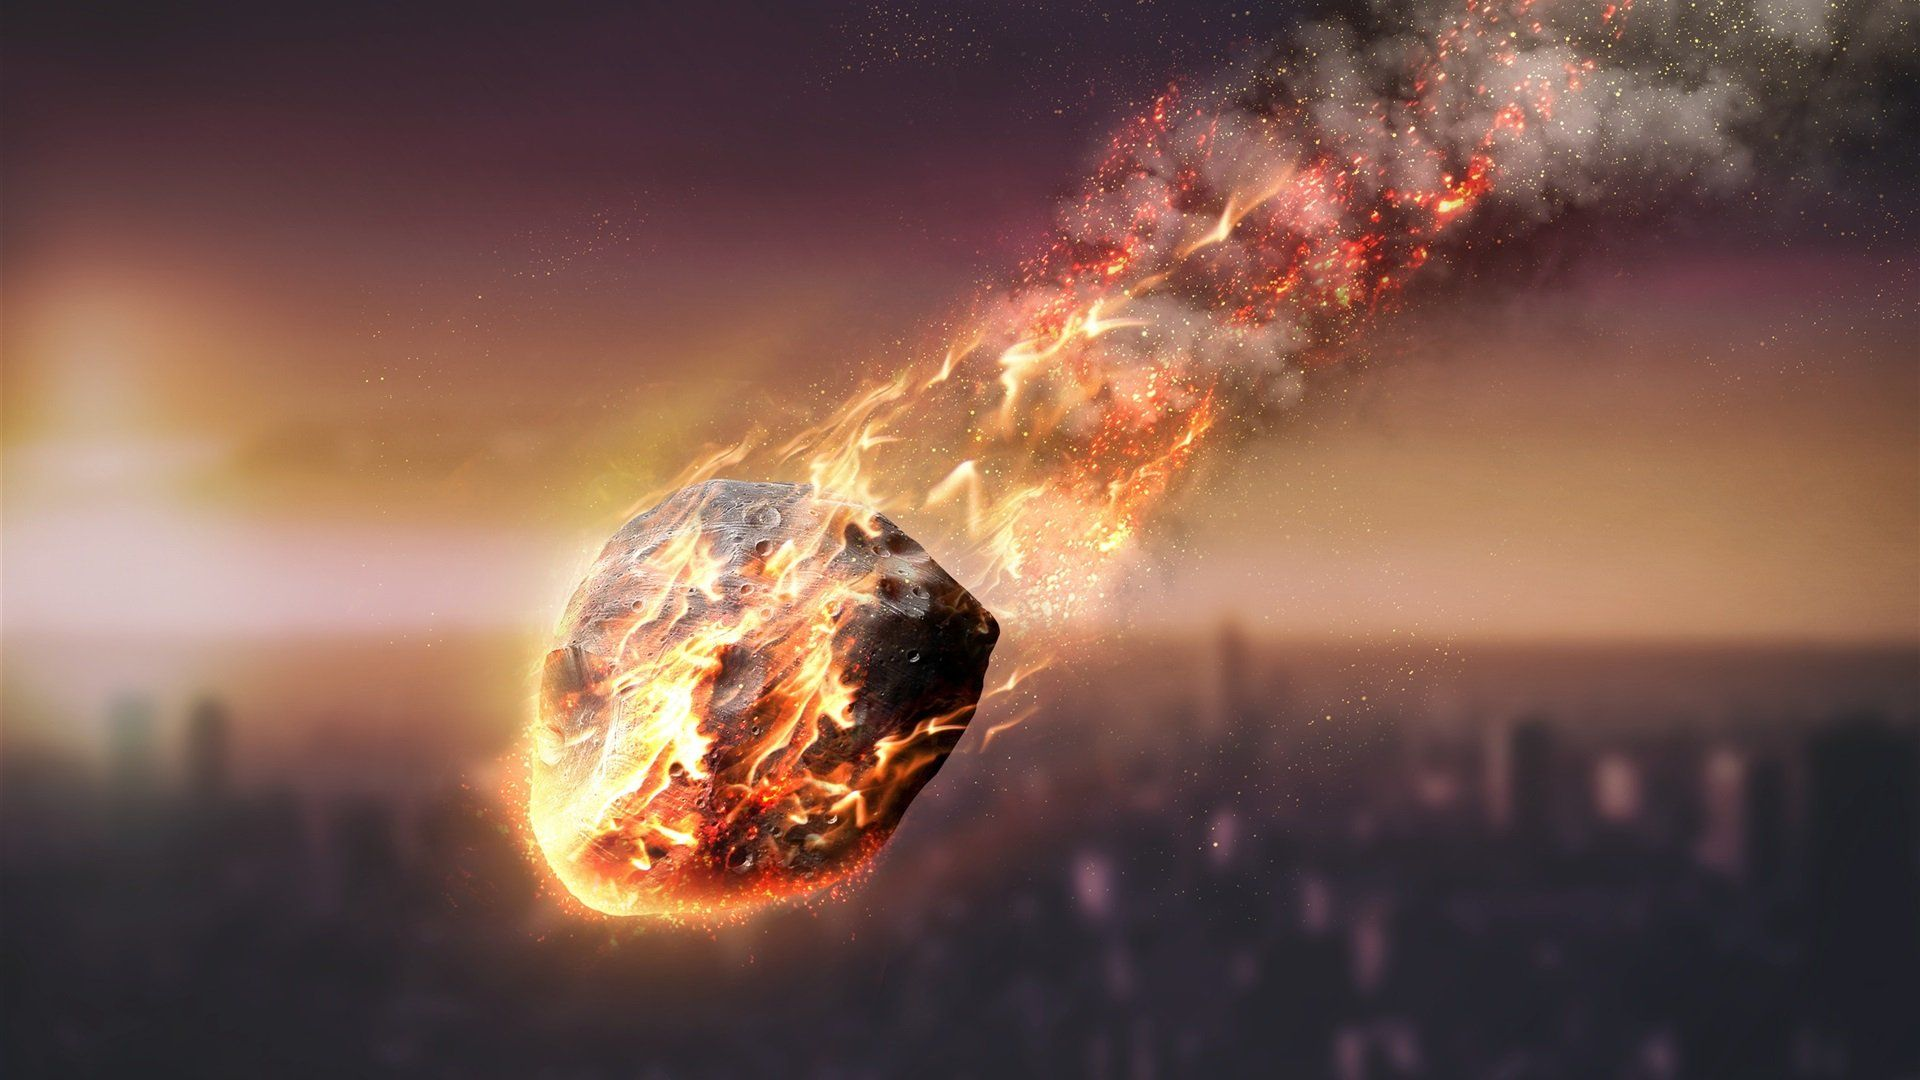 Картинки по запросу метеорит | Зодиак, Земля и Космос